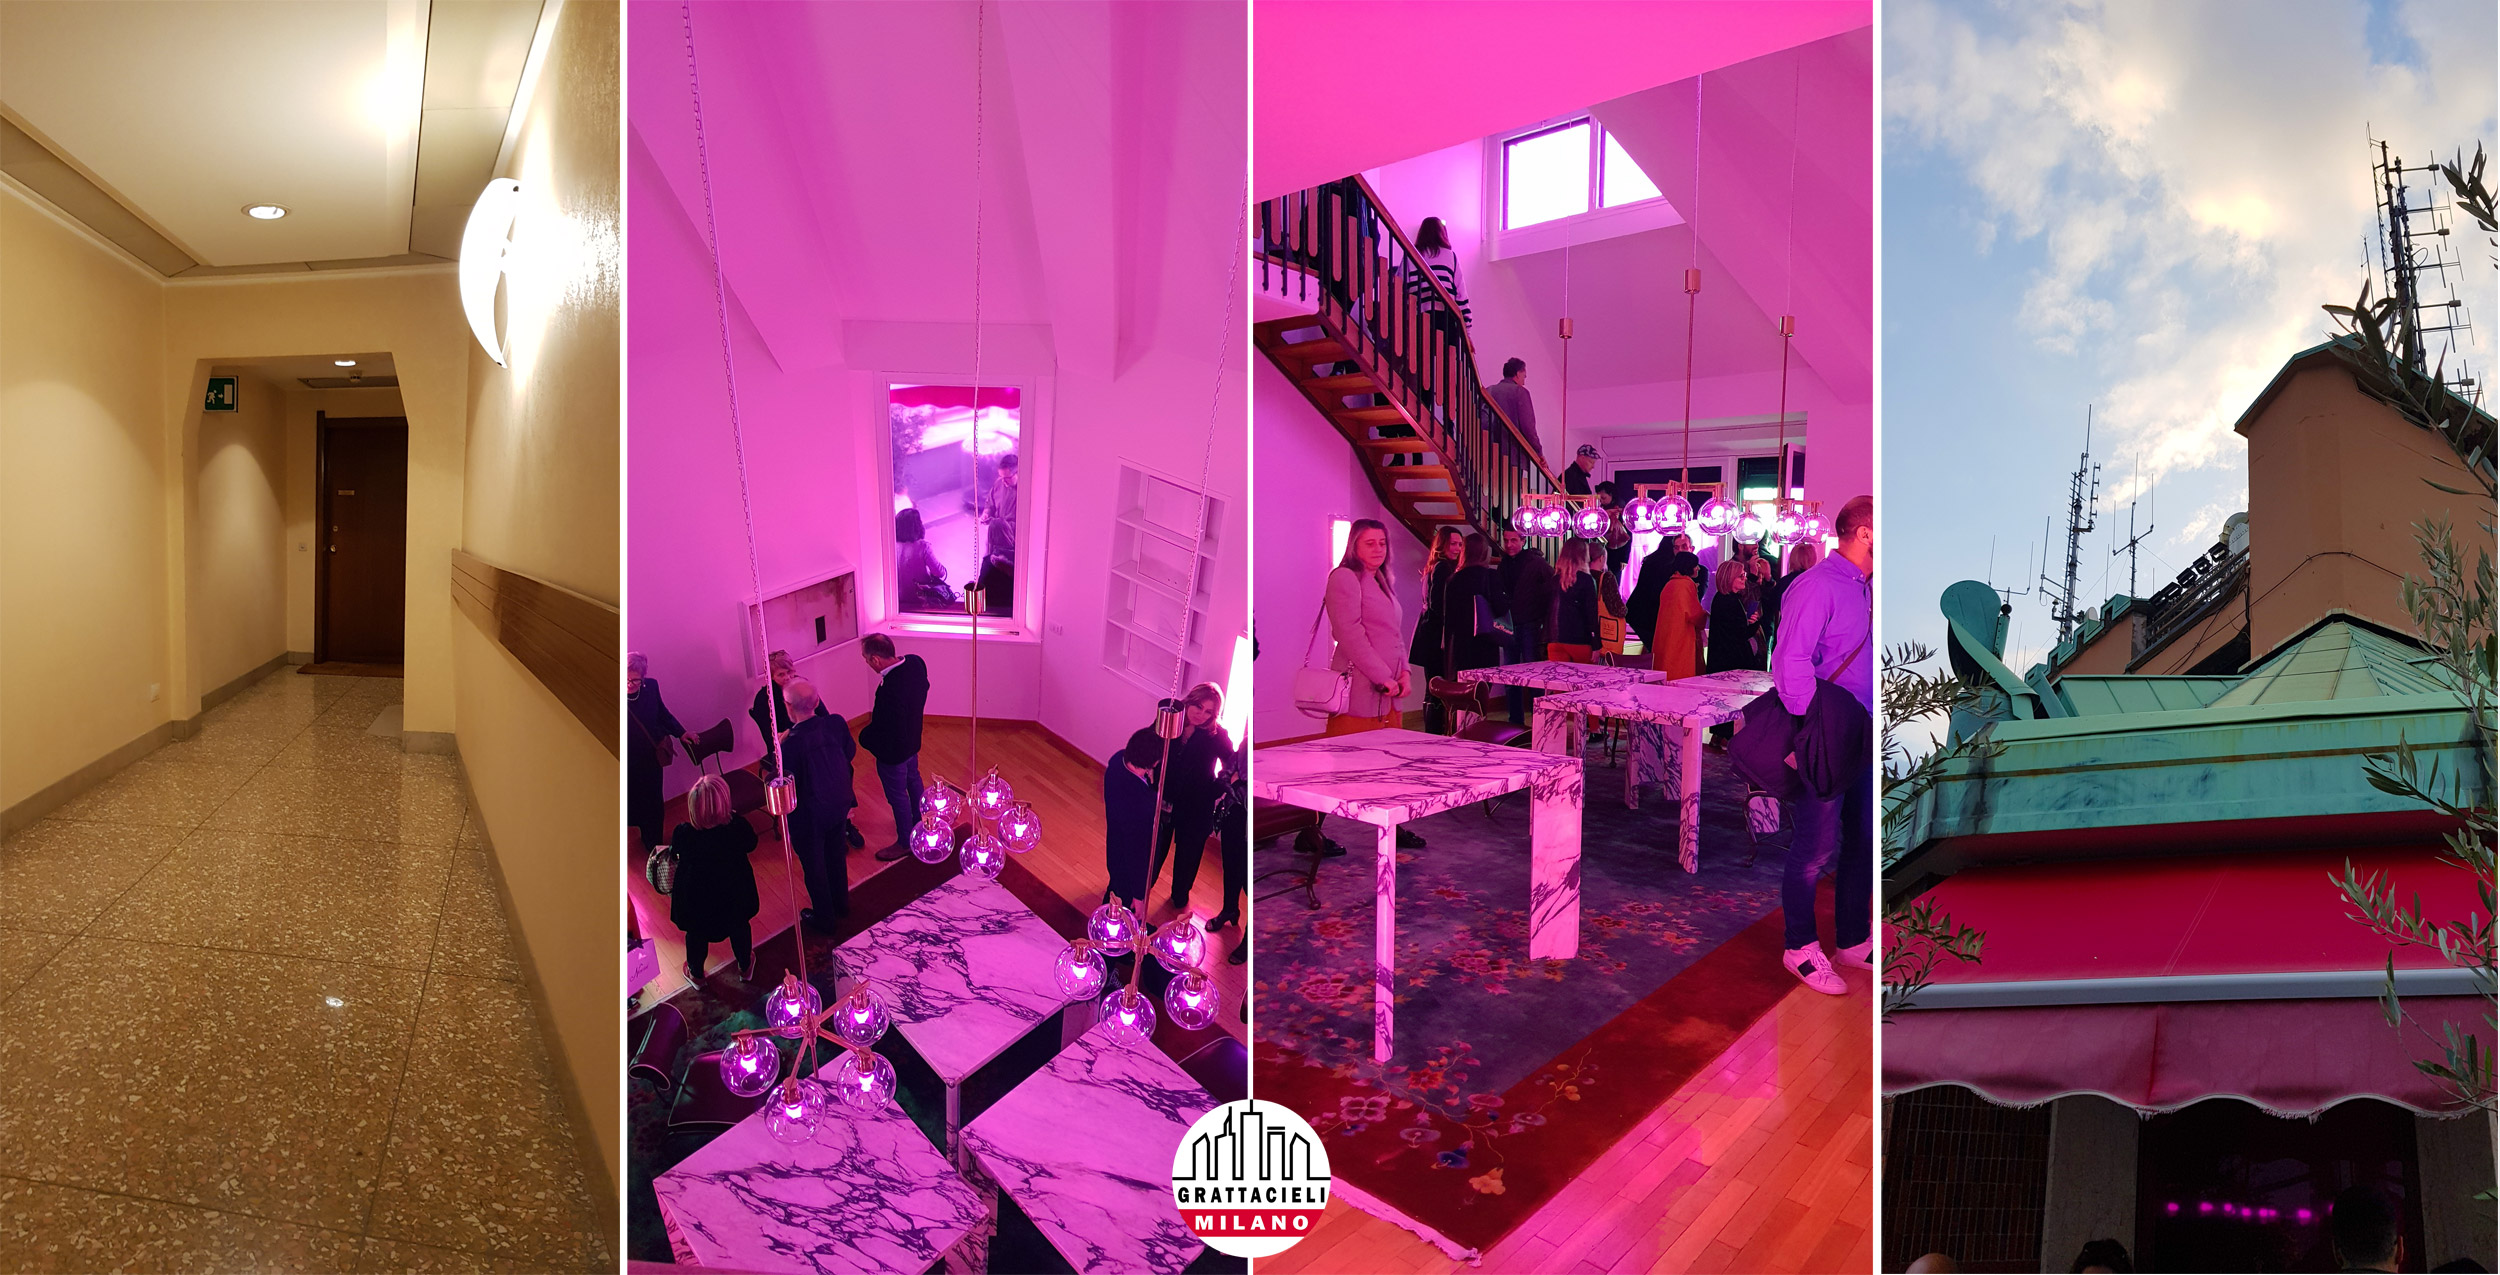 Torre Velasca - L'attico. Vista dei corridoi, del salone dell'attico e del tetto.